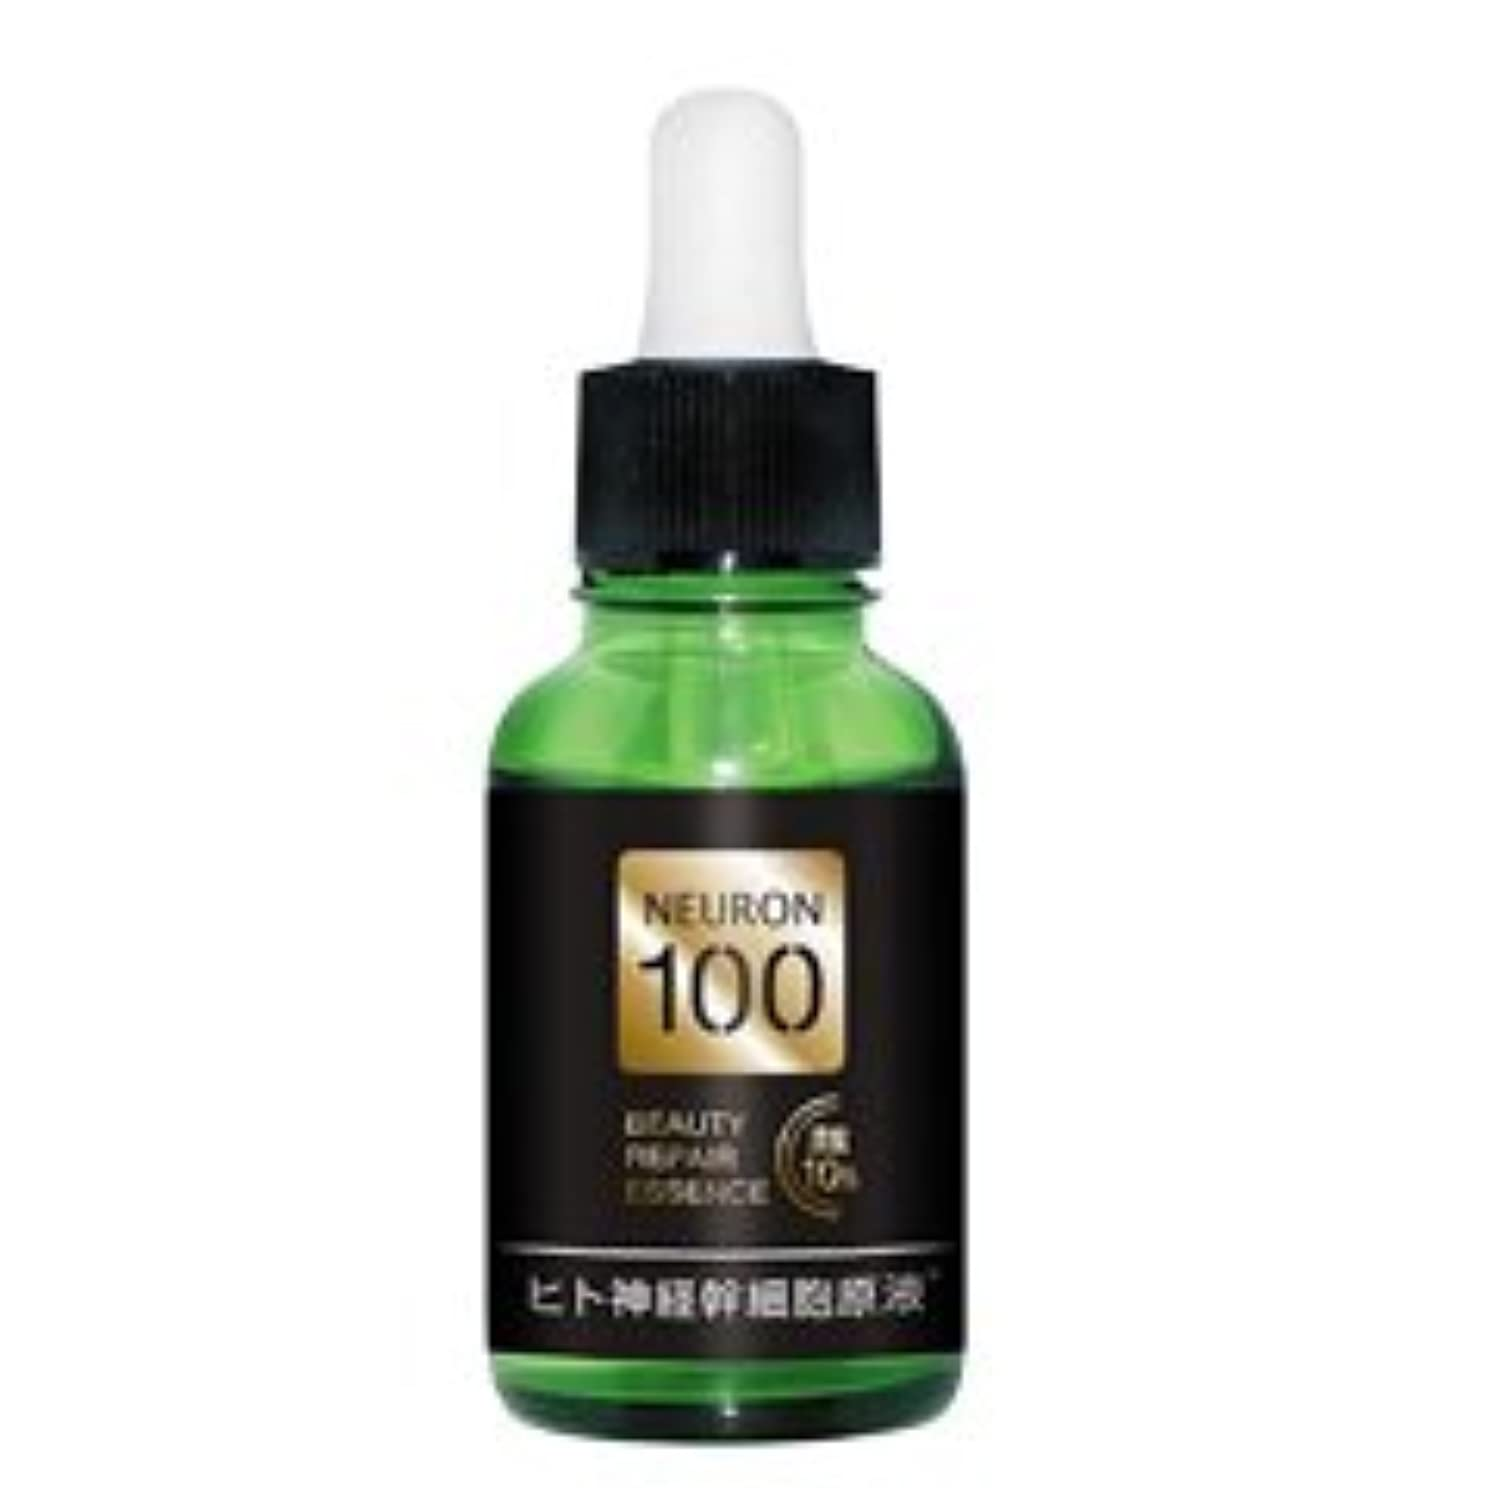 摂氏度無限大遠征【濃度10%】 ニューロン100 NEURON100 ヒト由来神経幹細胞培養液 サロン仕様品 ギフトにも最適 美容液 30ml